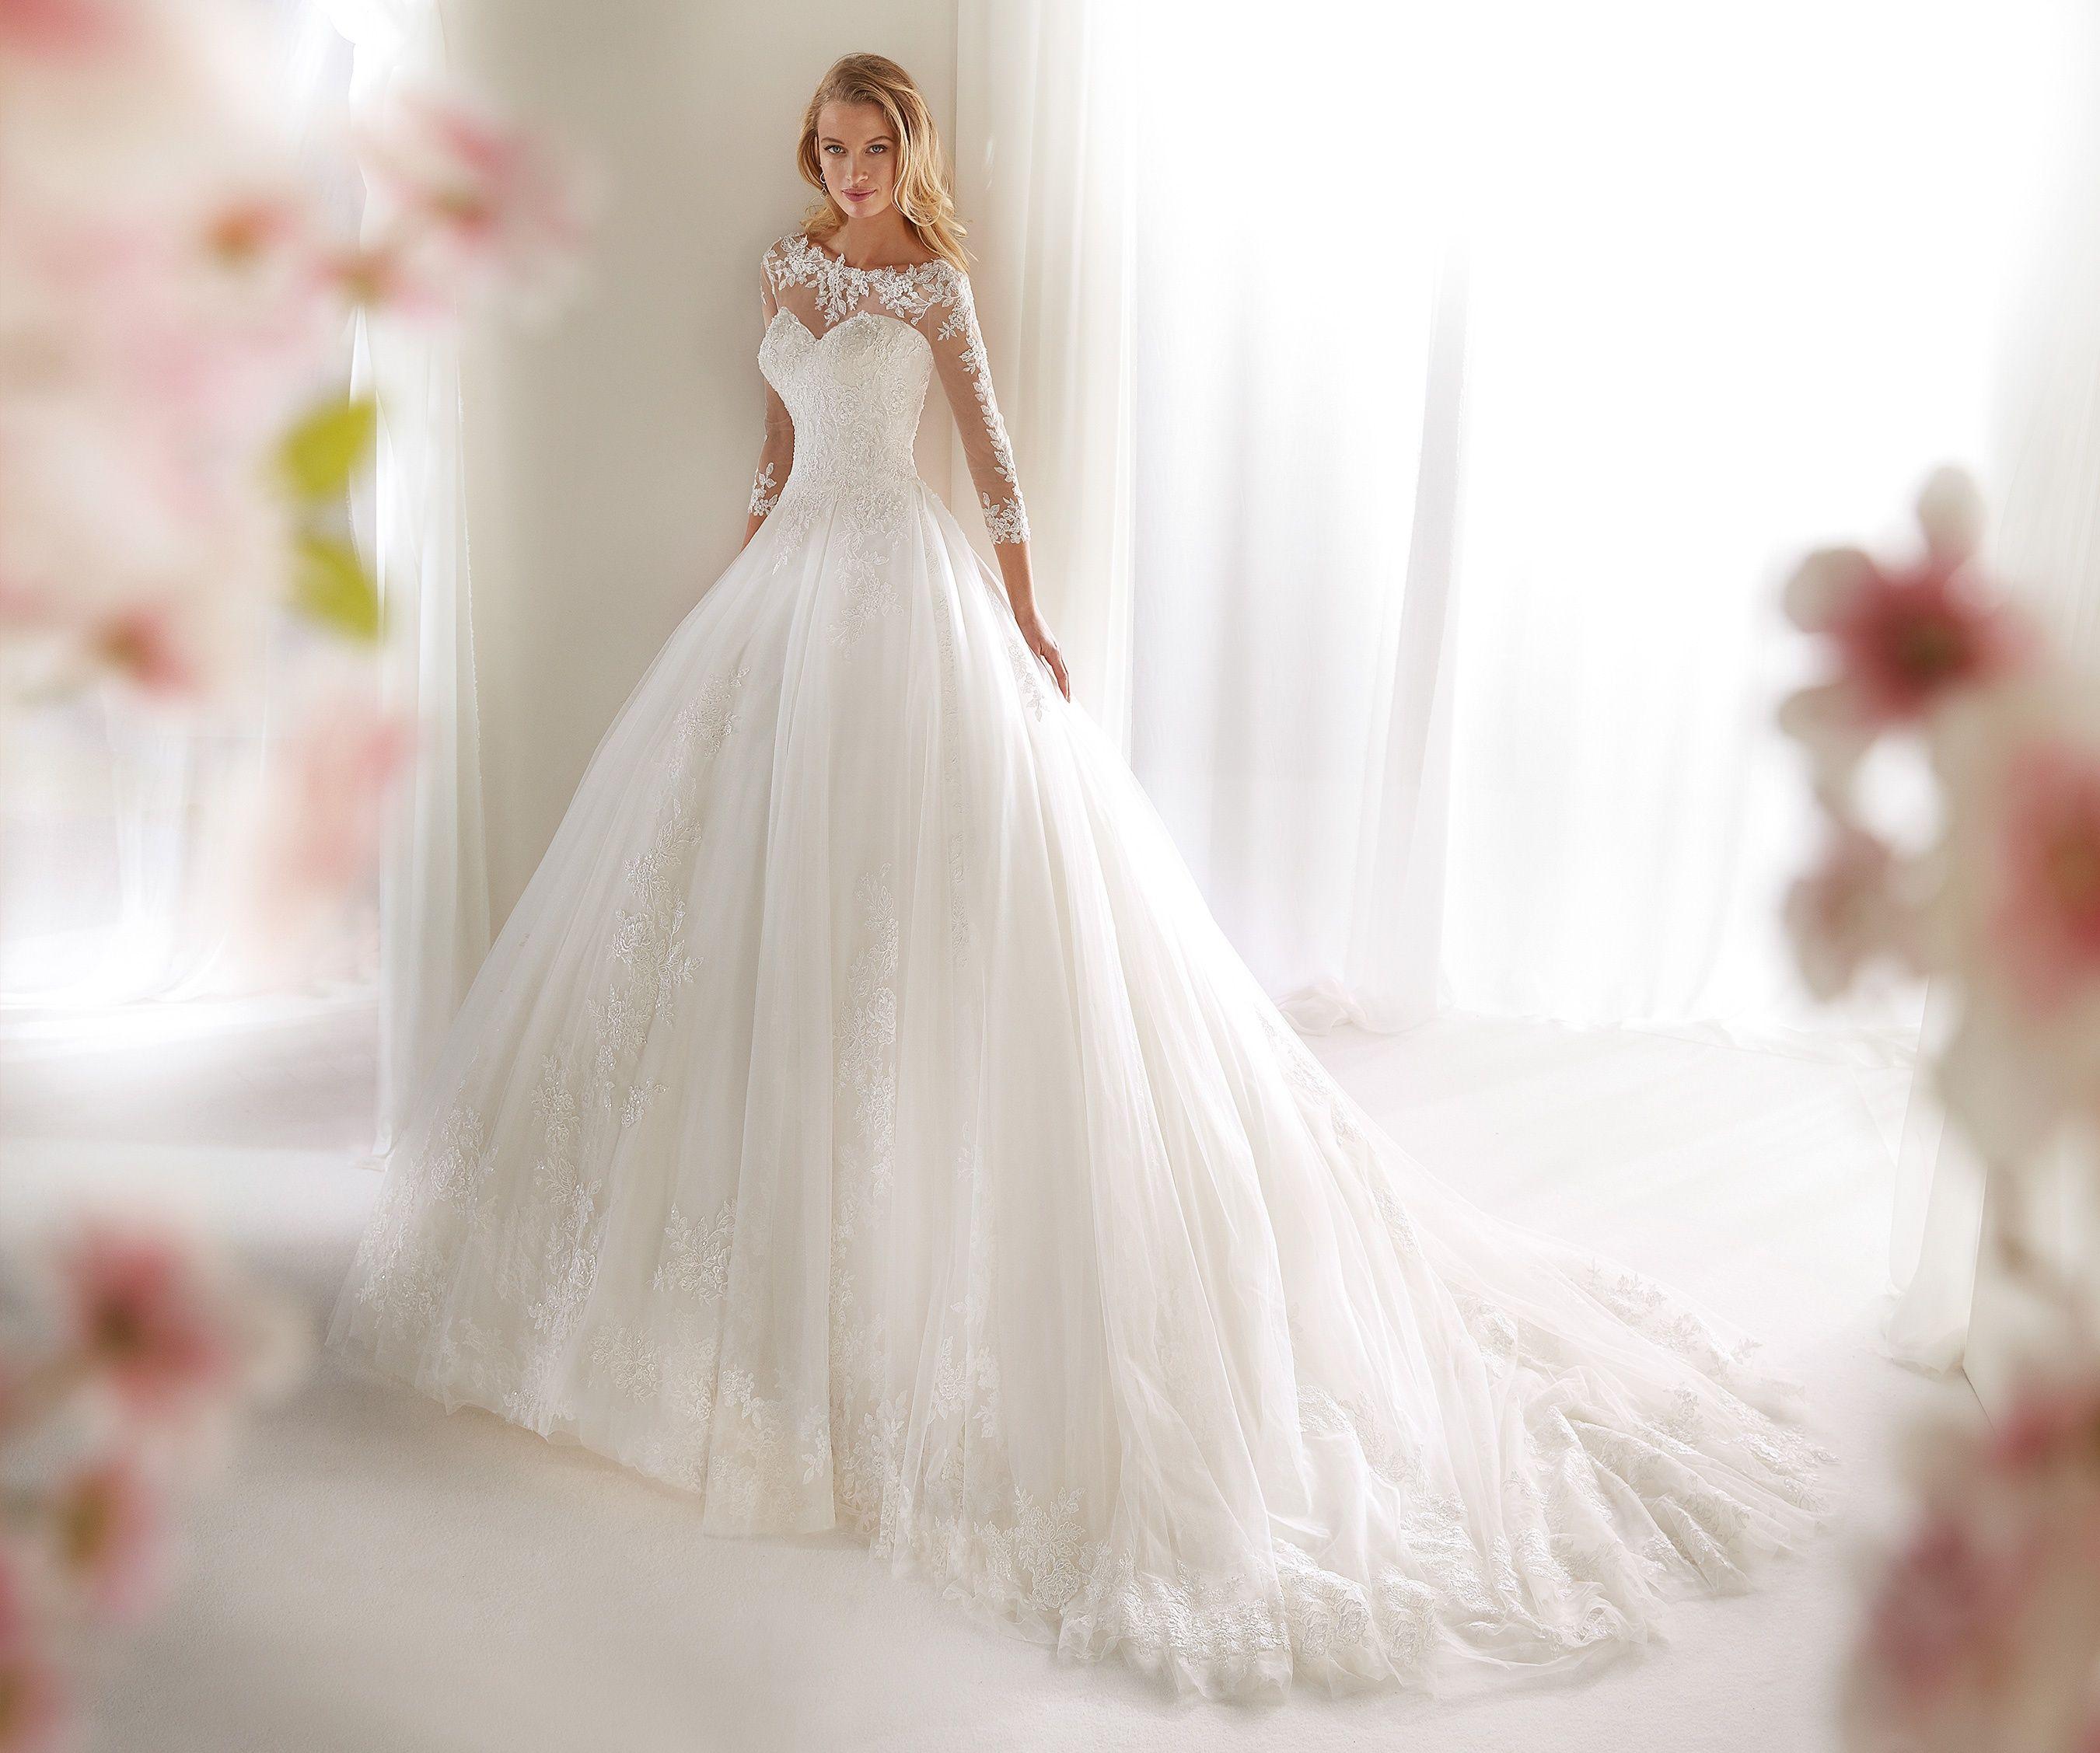 Abiti Da Sposa Colet.Abito Da Sposa Colet Coab19210 2019 Abiti Da Sposa Sposa Abiti